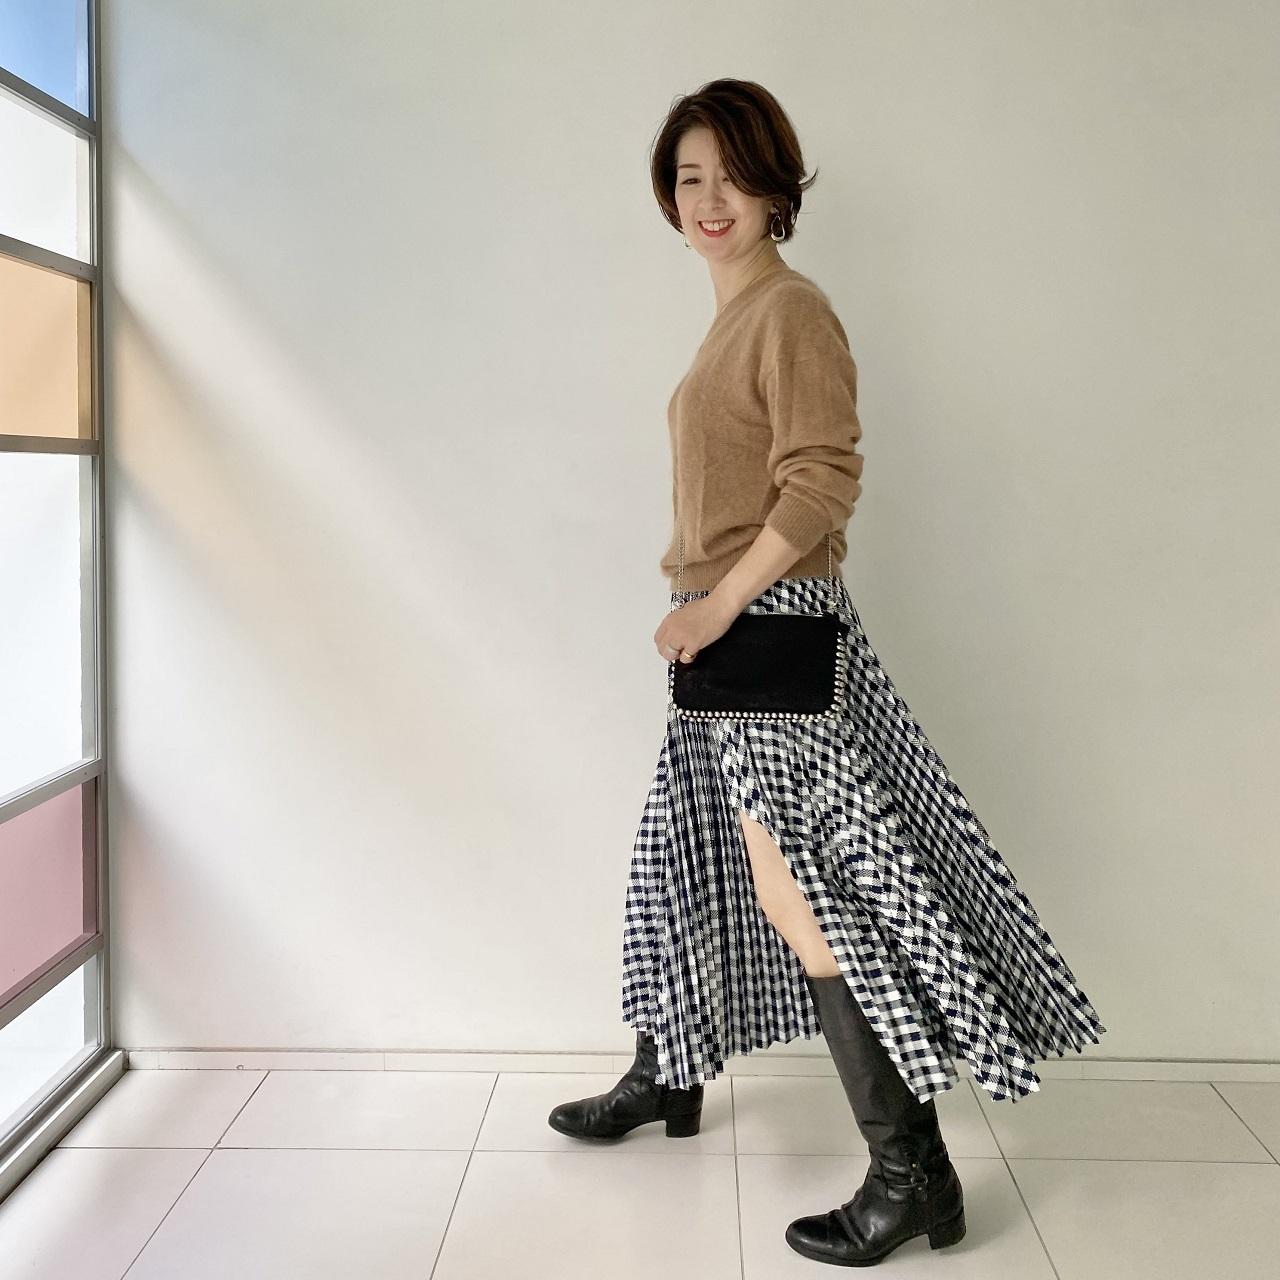 アラフィーはこう着る!Toga Archives x H&M コラボコレクションの戦利品_1_6